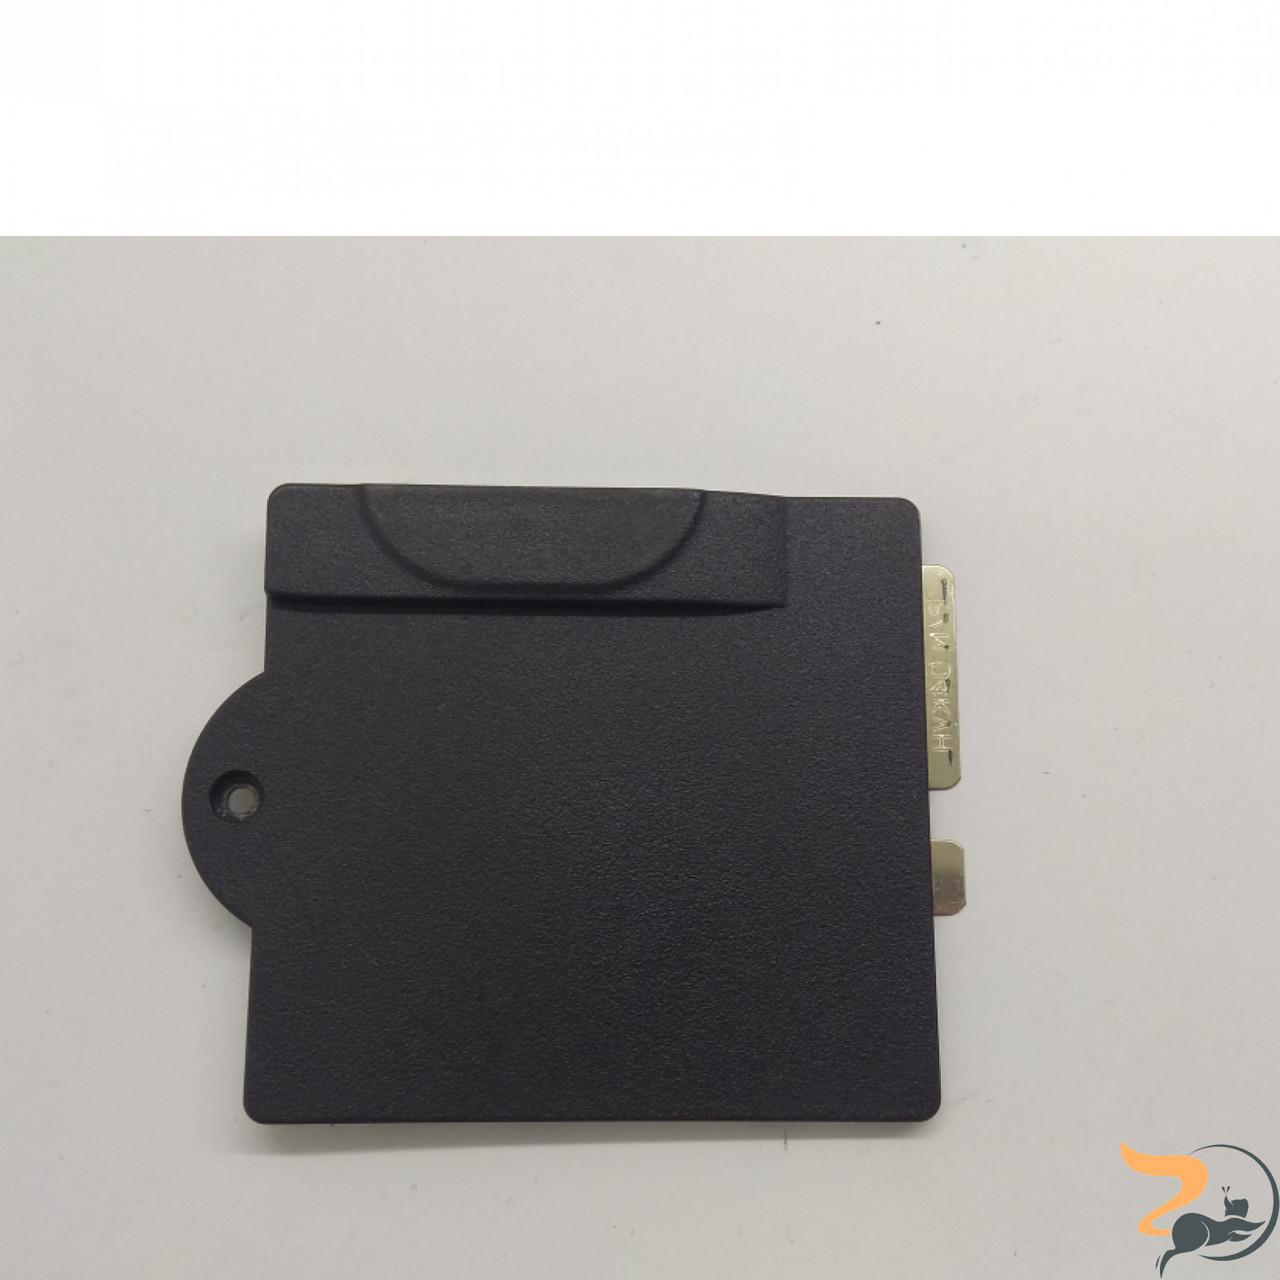 Сервісна кришка для ноутбука Dell Inspiron 8200, 5G028, Б/В. В хорошому стані ,без пошкоджень.